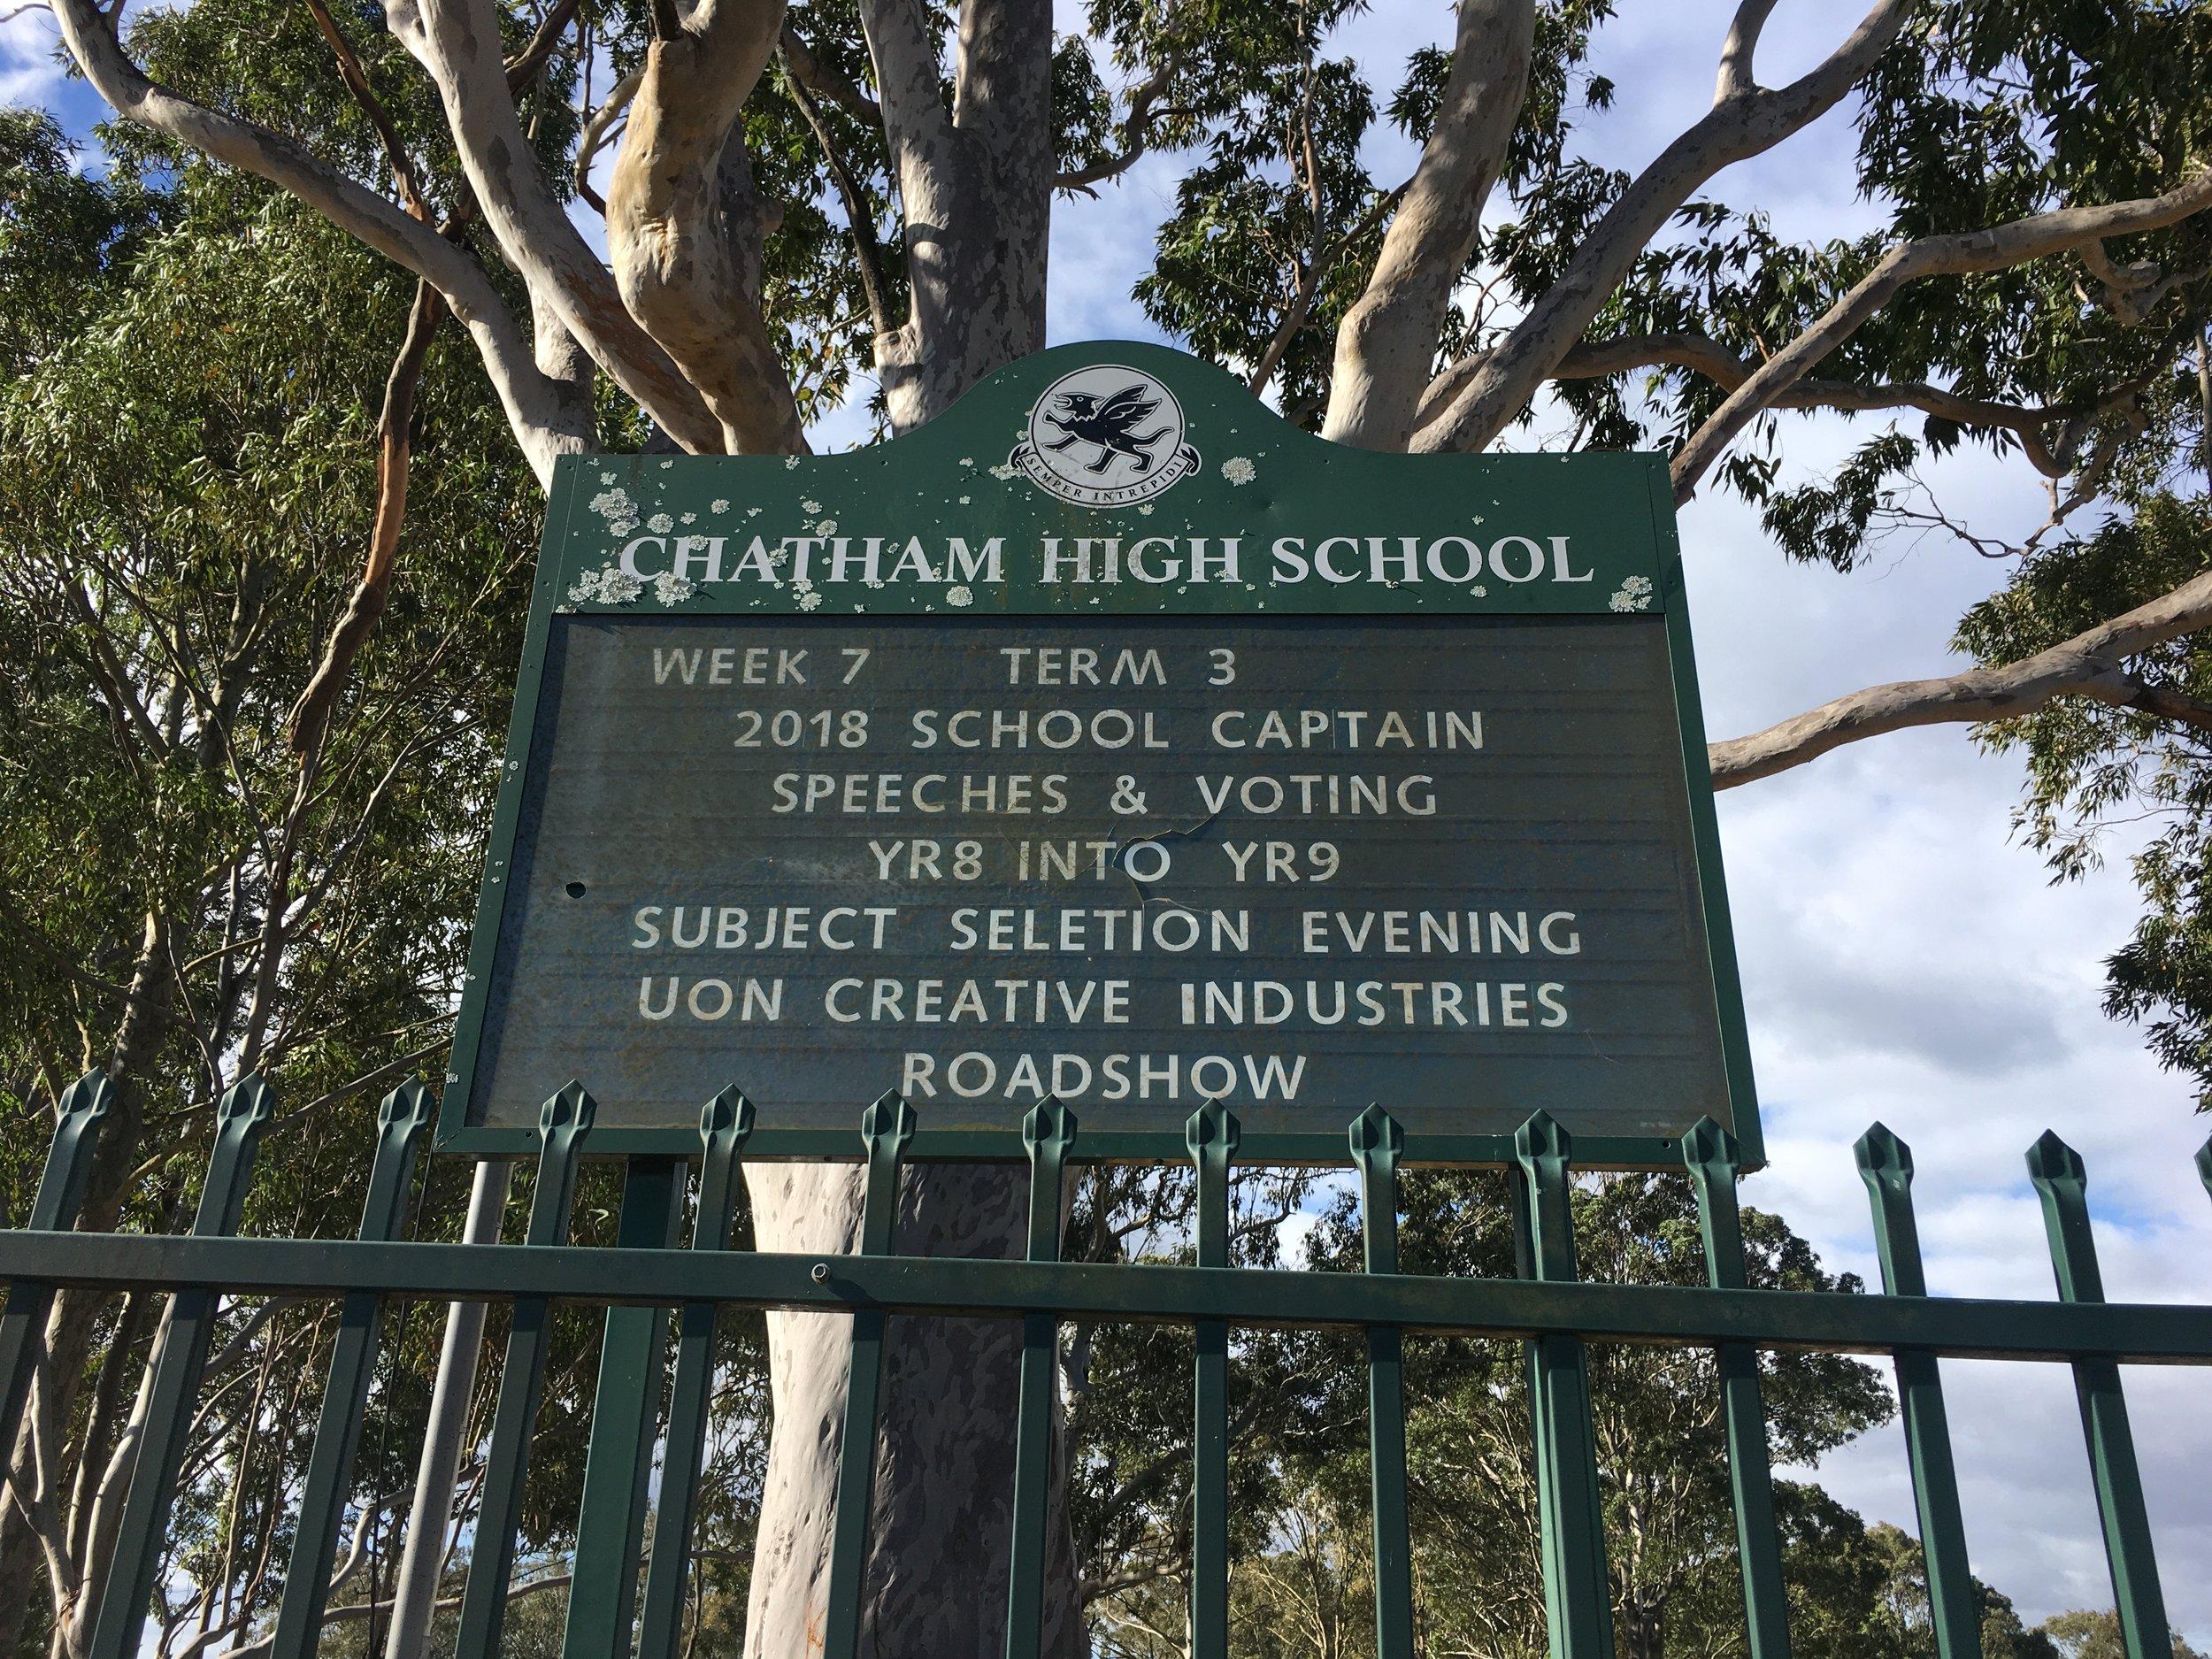 School Notice Board